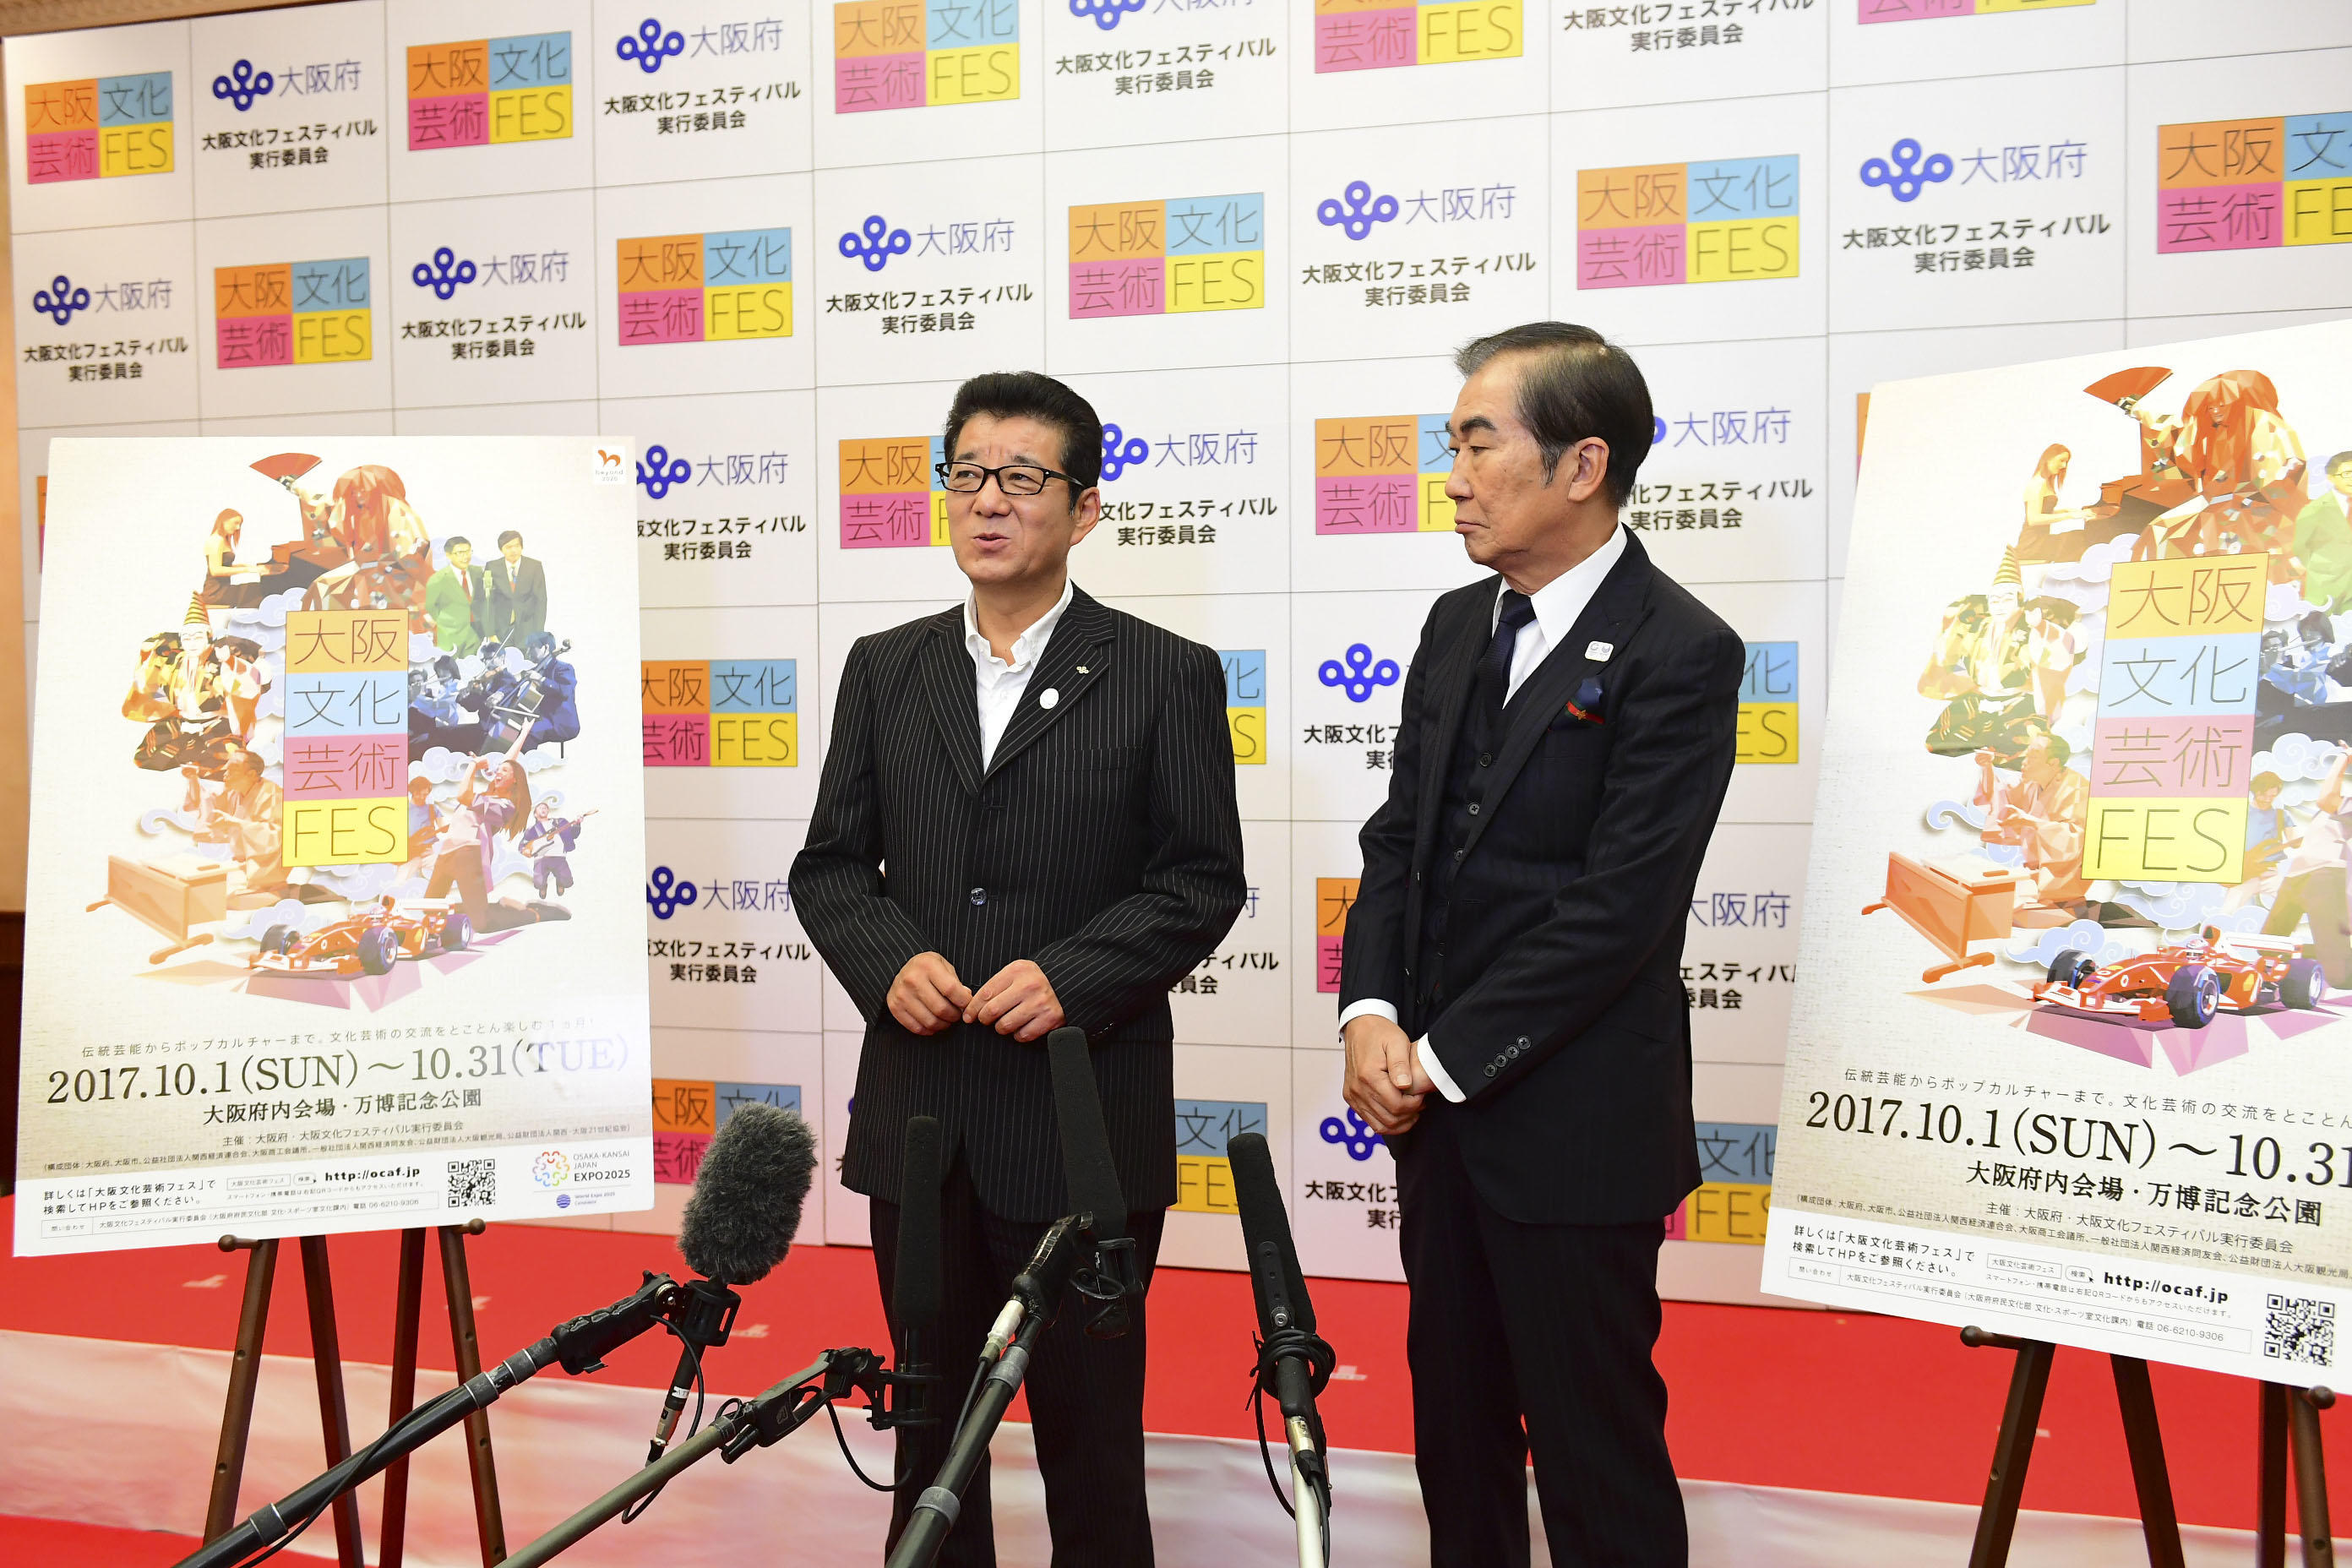 http://news.yoshimoto.co.jp/20170927102509-f460135aa1e83be698fdf2d17e08711e2aa49071.jpg